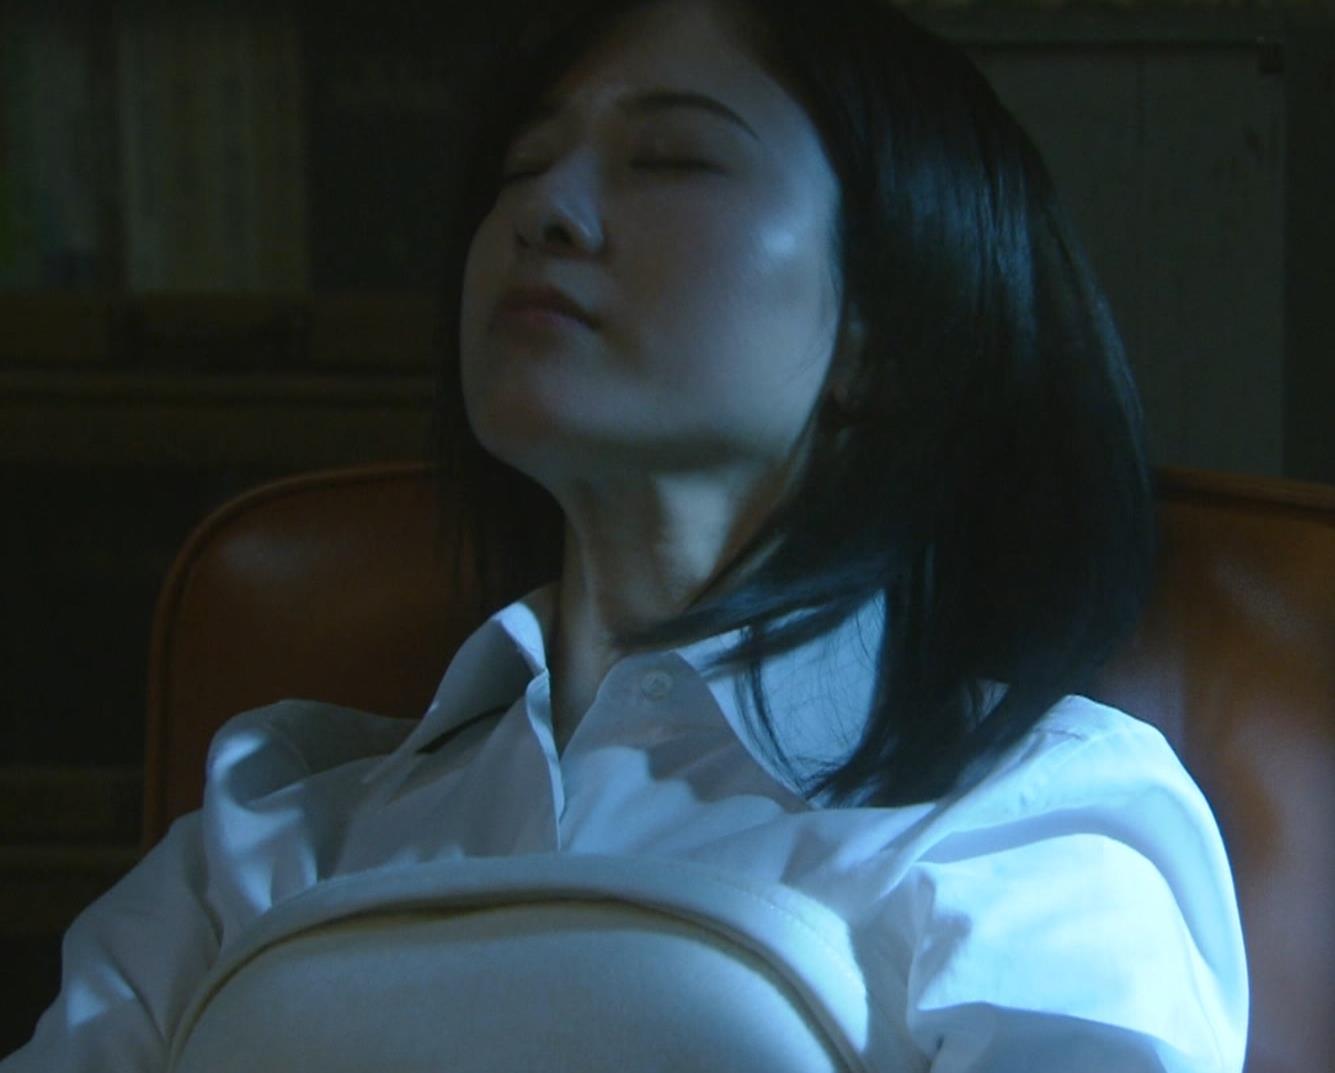 吉高由里子 おっぱいがエロい寝方と濃厚キスシーンキャプ・エロ画像2